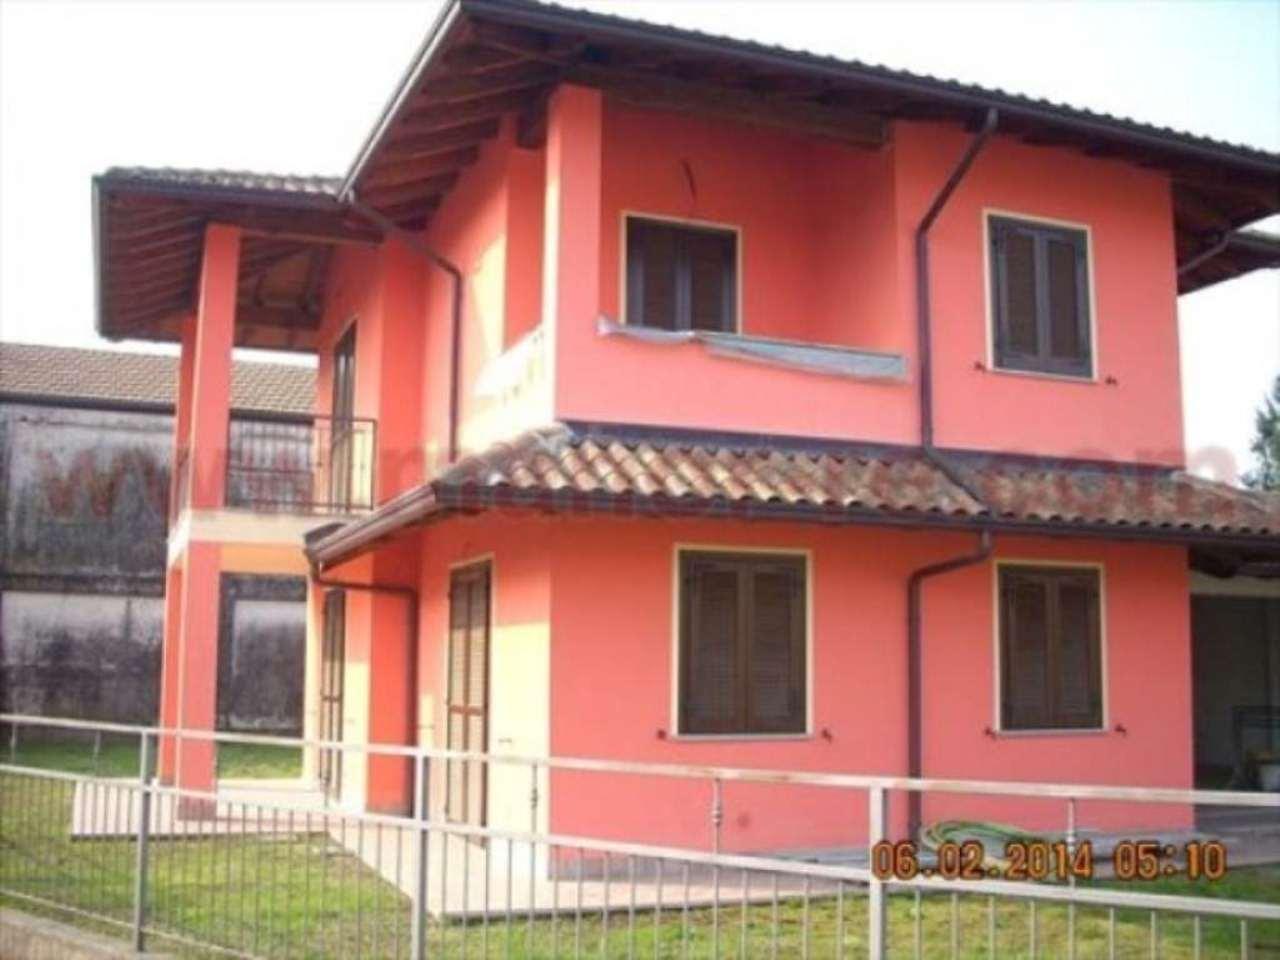 Villa in vendita a Cressa, 5 locali, prezzo € 260.000 | CambioCasa.it